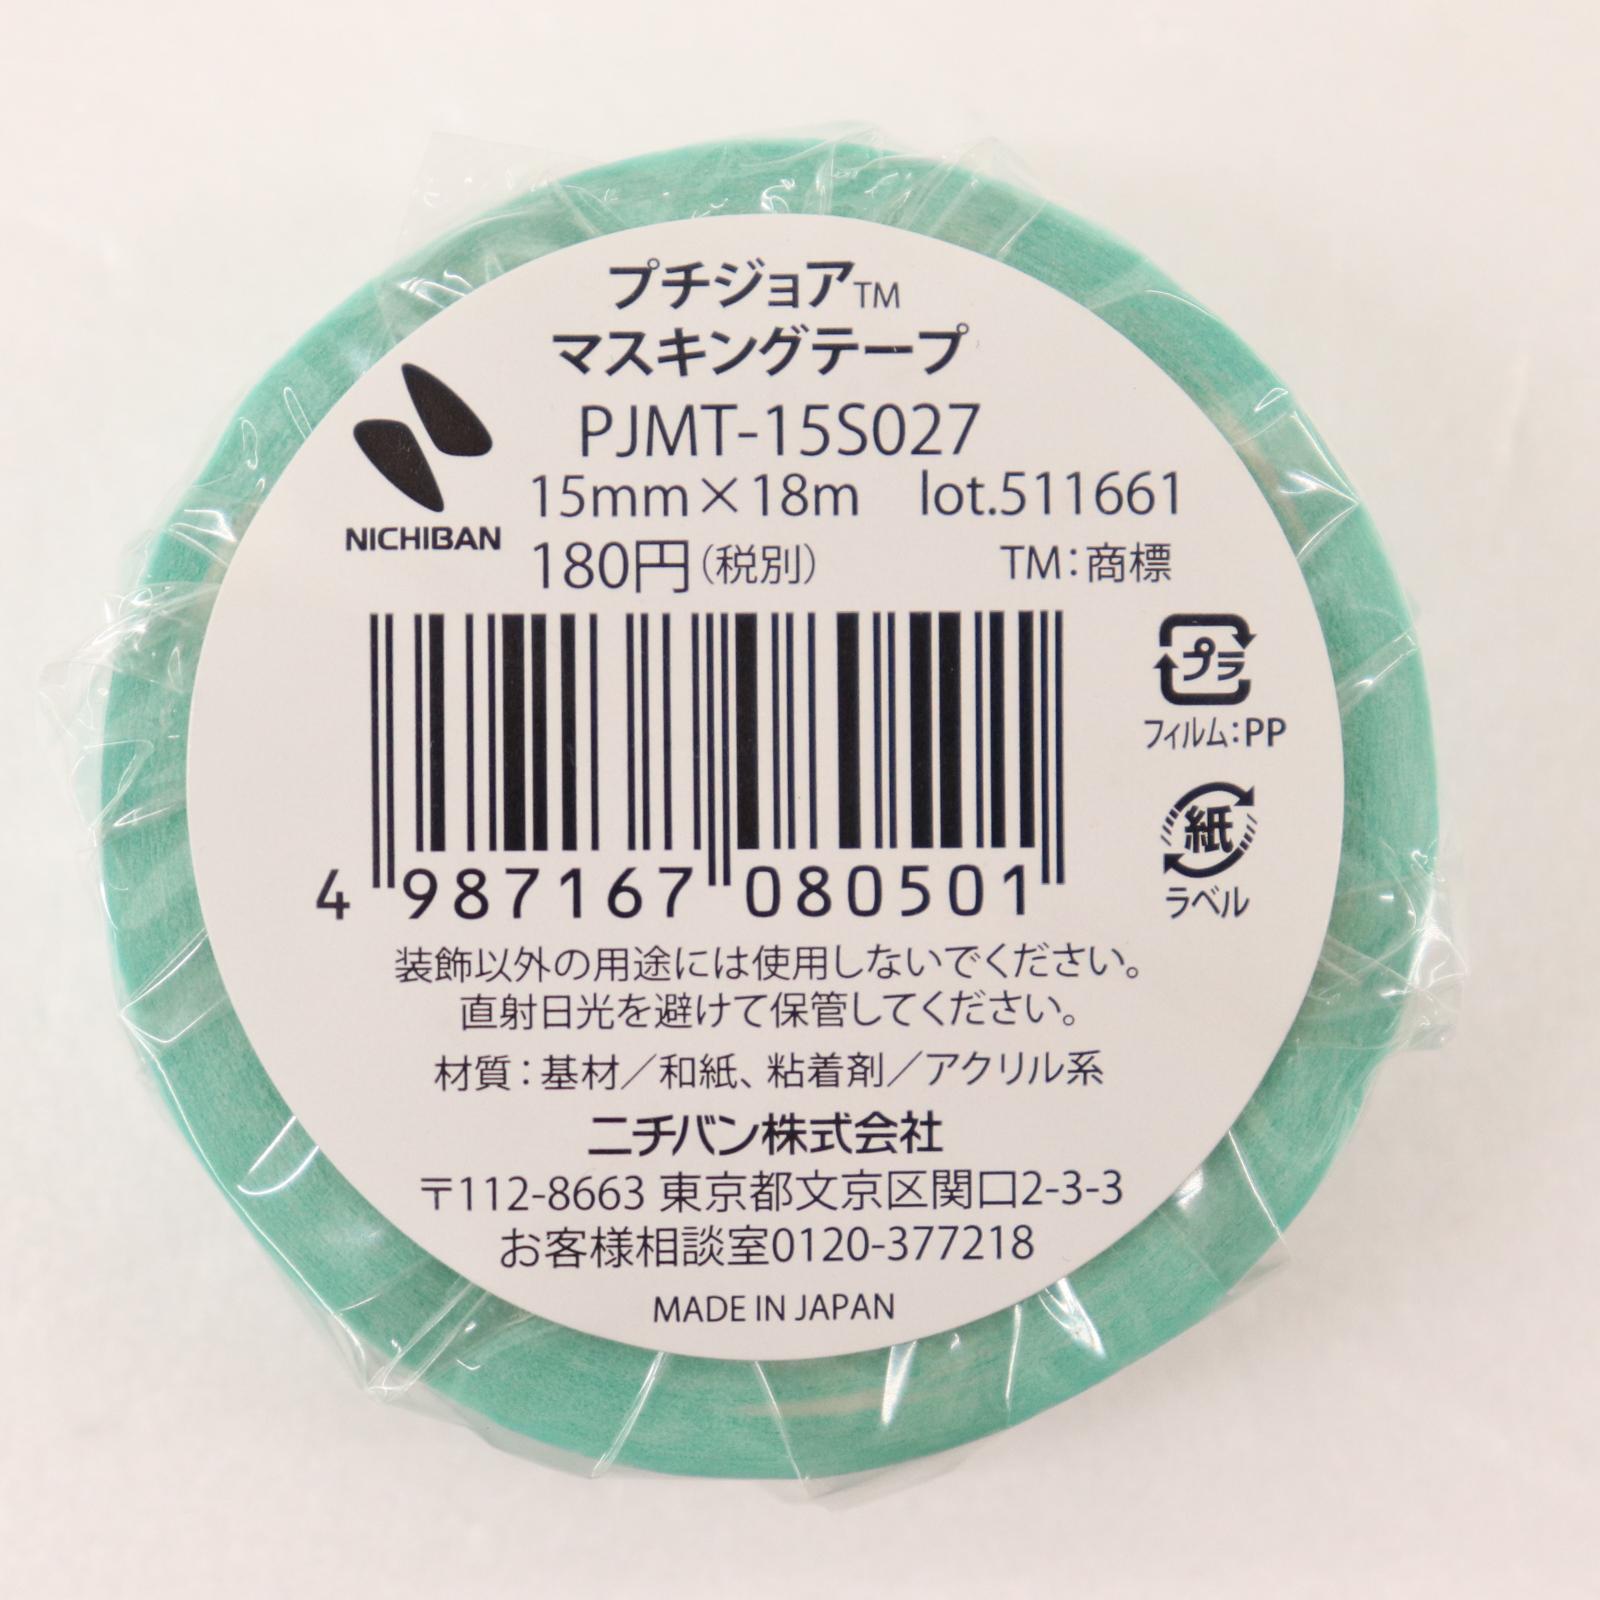 マスキングテープ ティーカップ ミントグリーン 幅15mm×18m巻